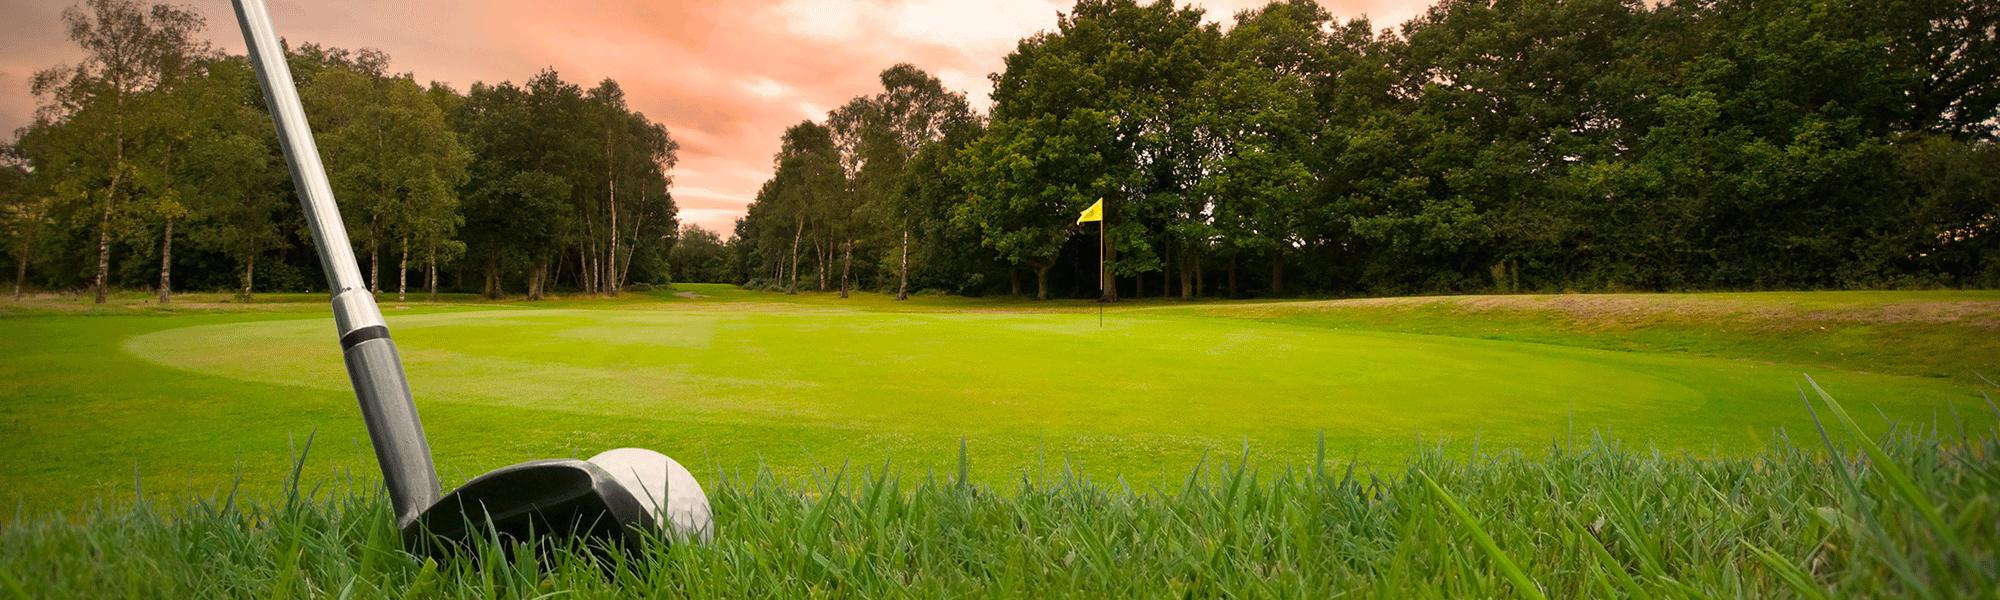 golf_balle_green_club